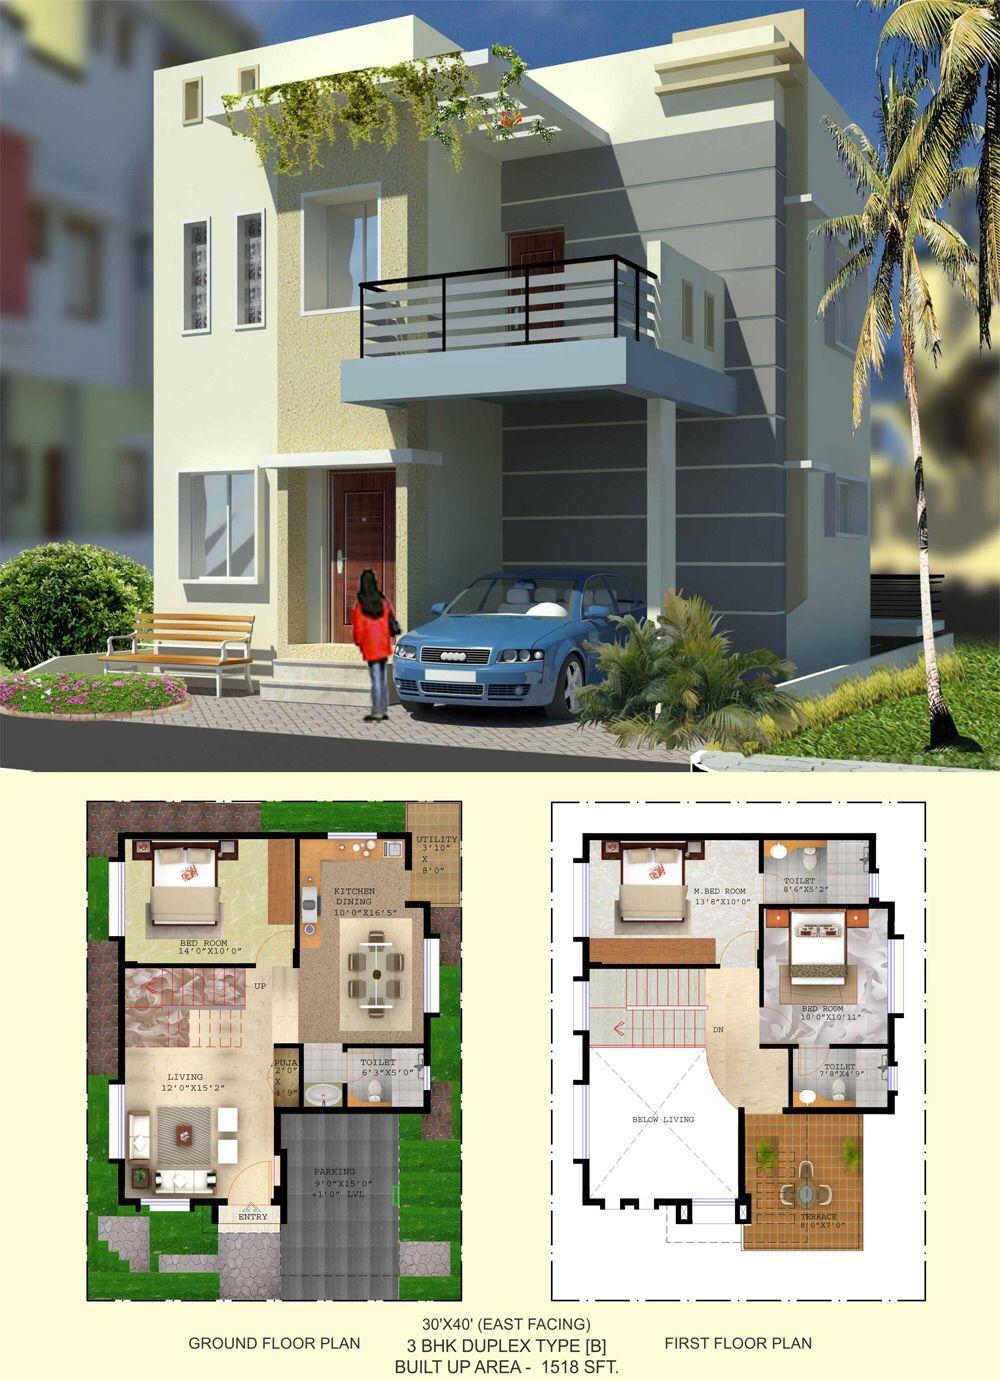 Pinterest claudiagabg casa 2 pisos 3 cuartos 1 estudio for Fachadas de casas de 2 pisos pequenas